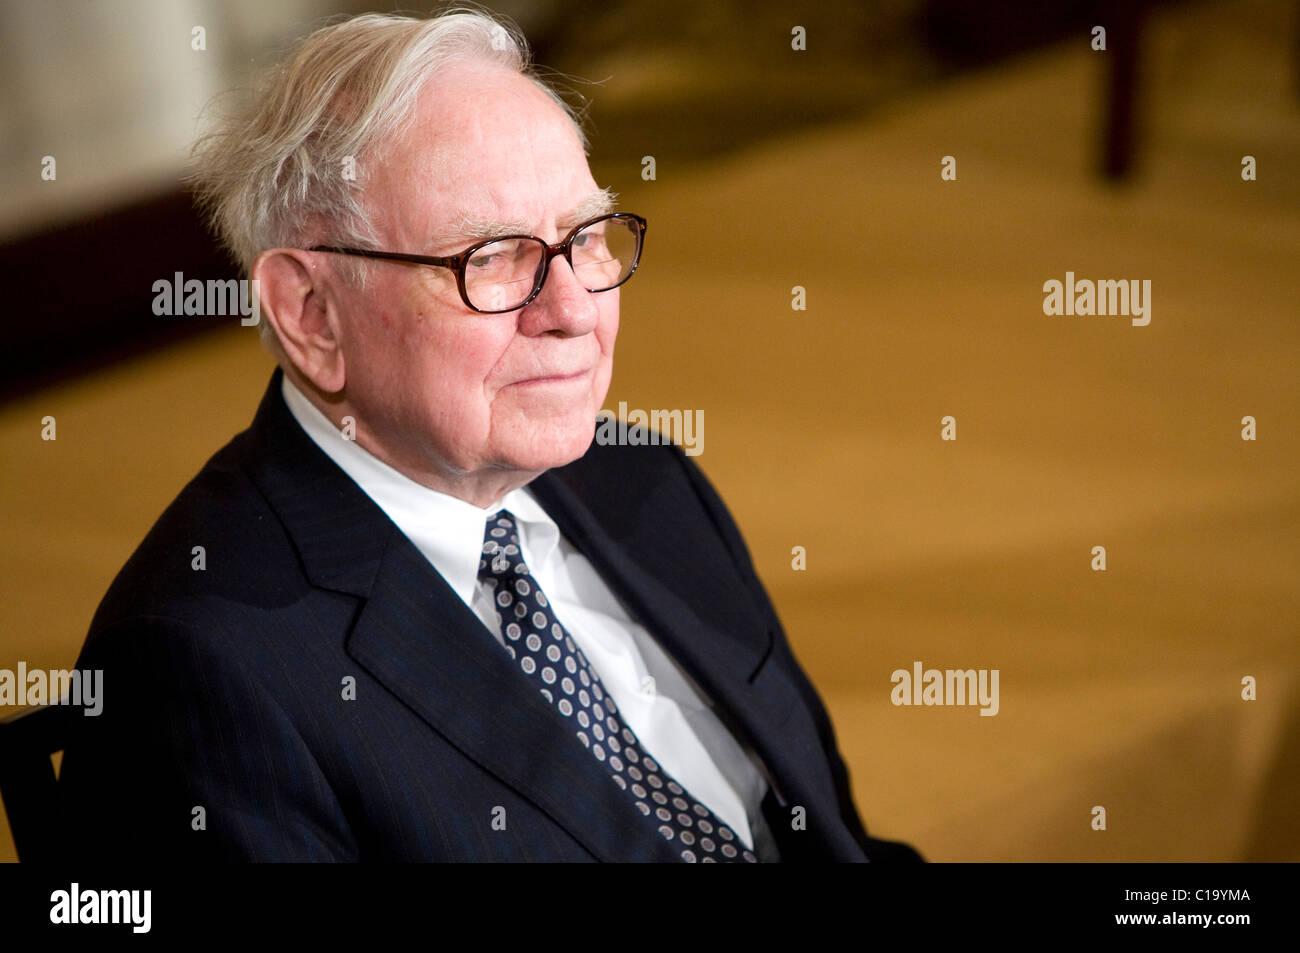 Businessman Warren Buffett. - Stock Image